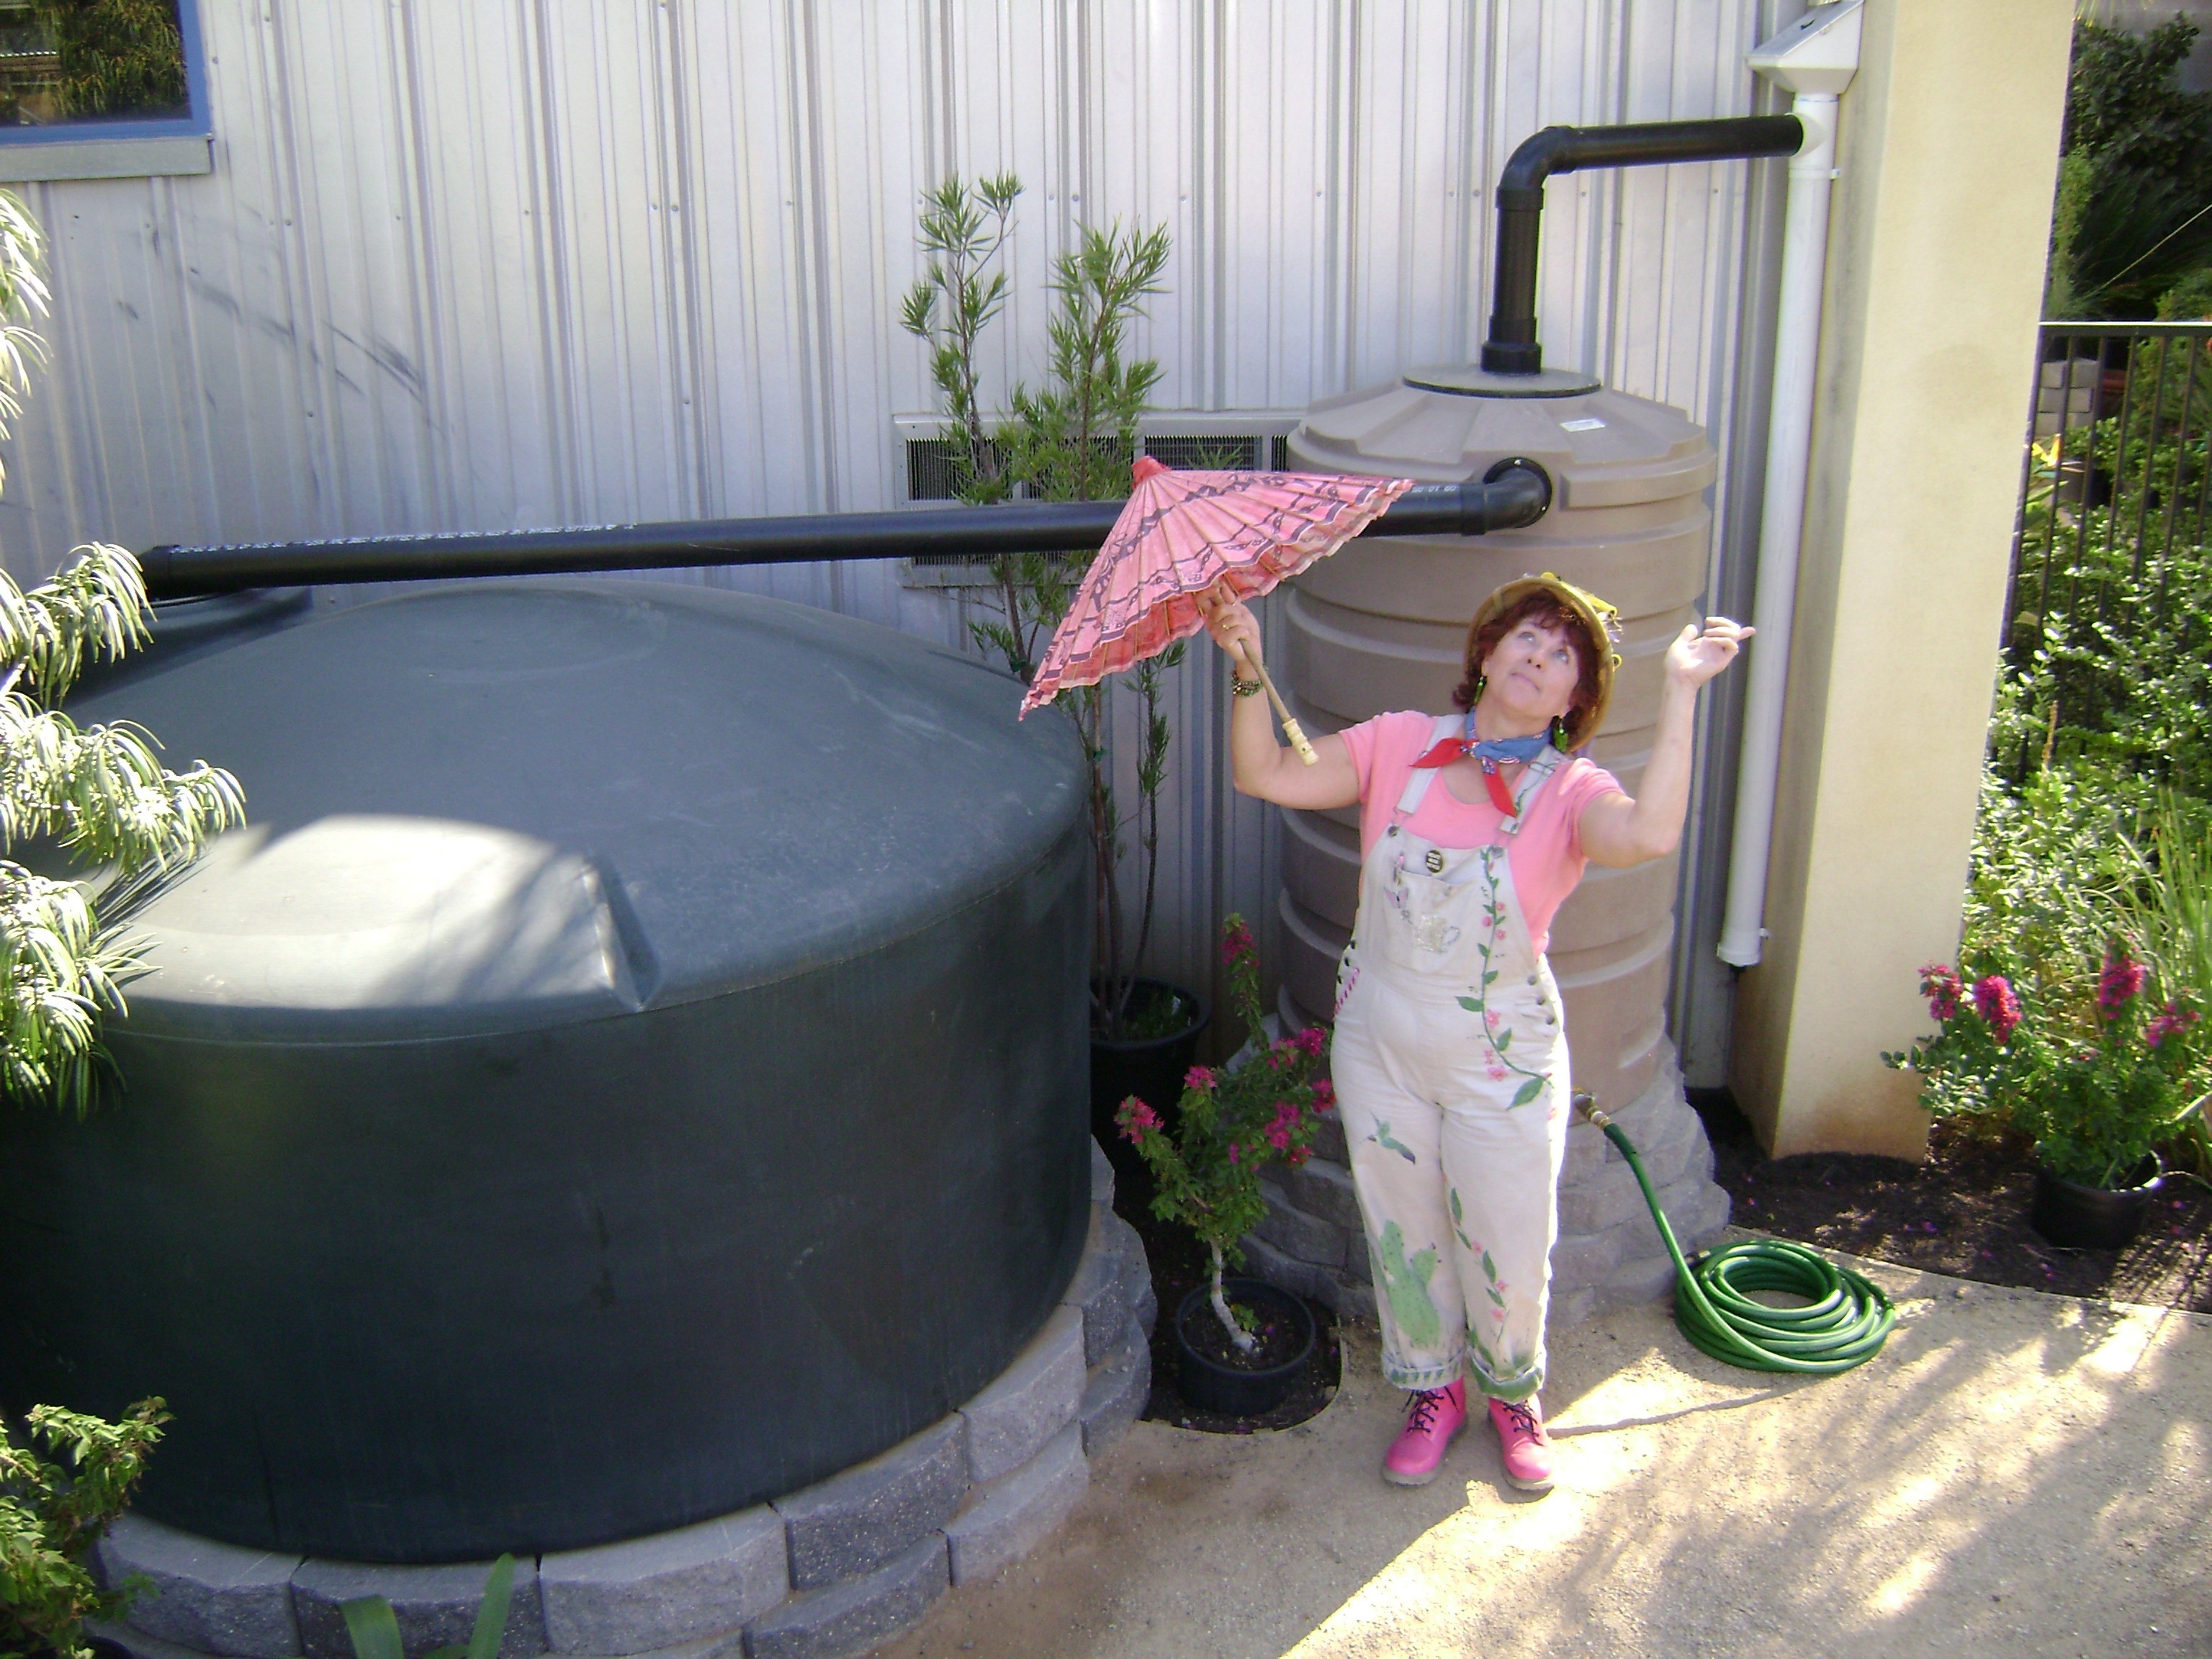 Regenwassernutzungsanlagen regenwasser aufsammeln umweltbewusst leben